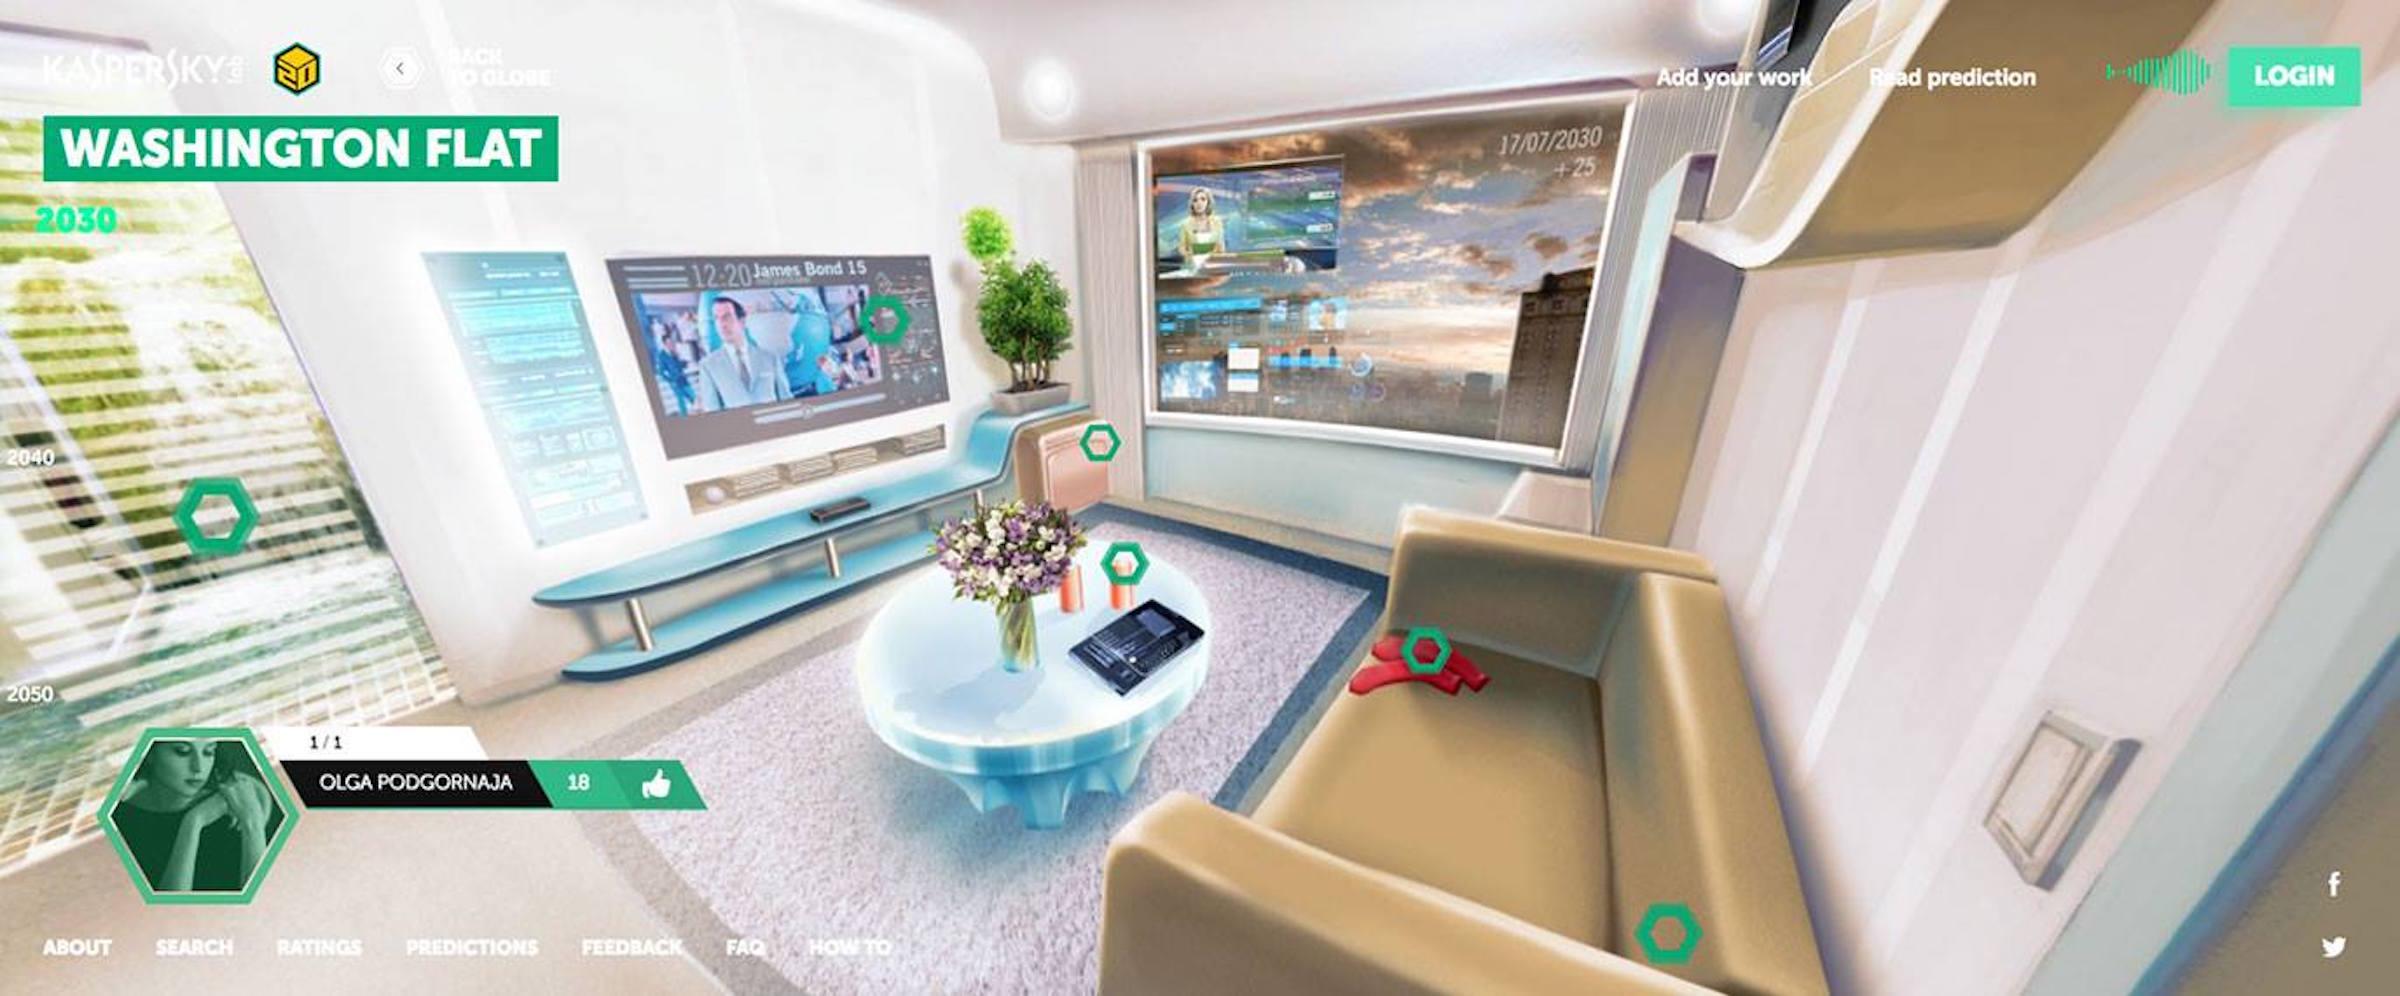 smart flat futuristic city design ideas